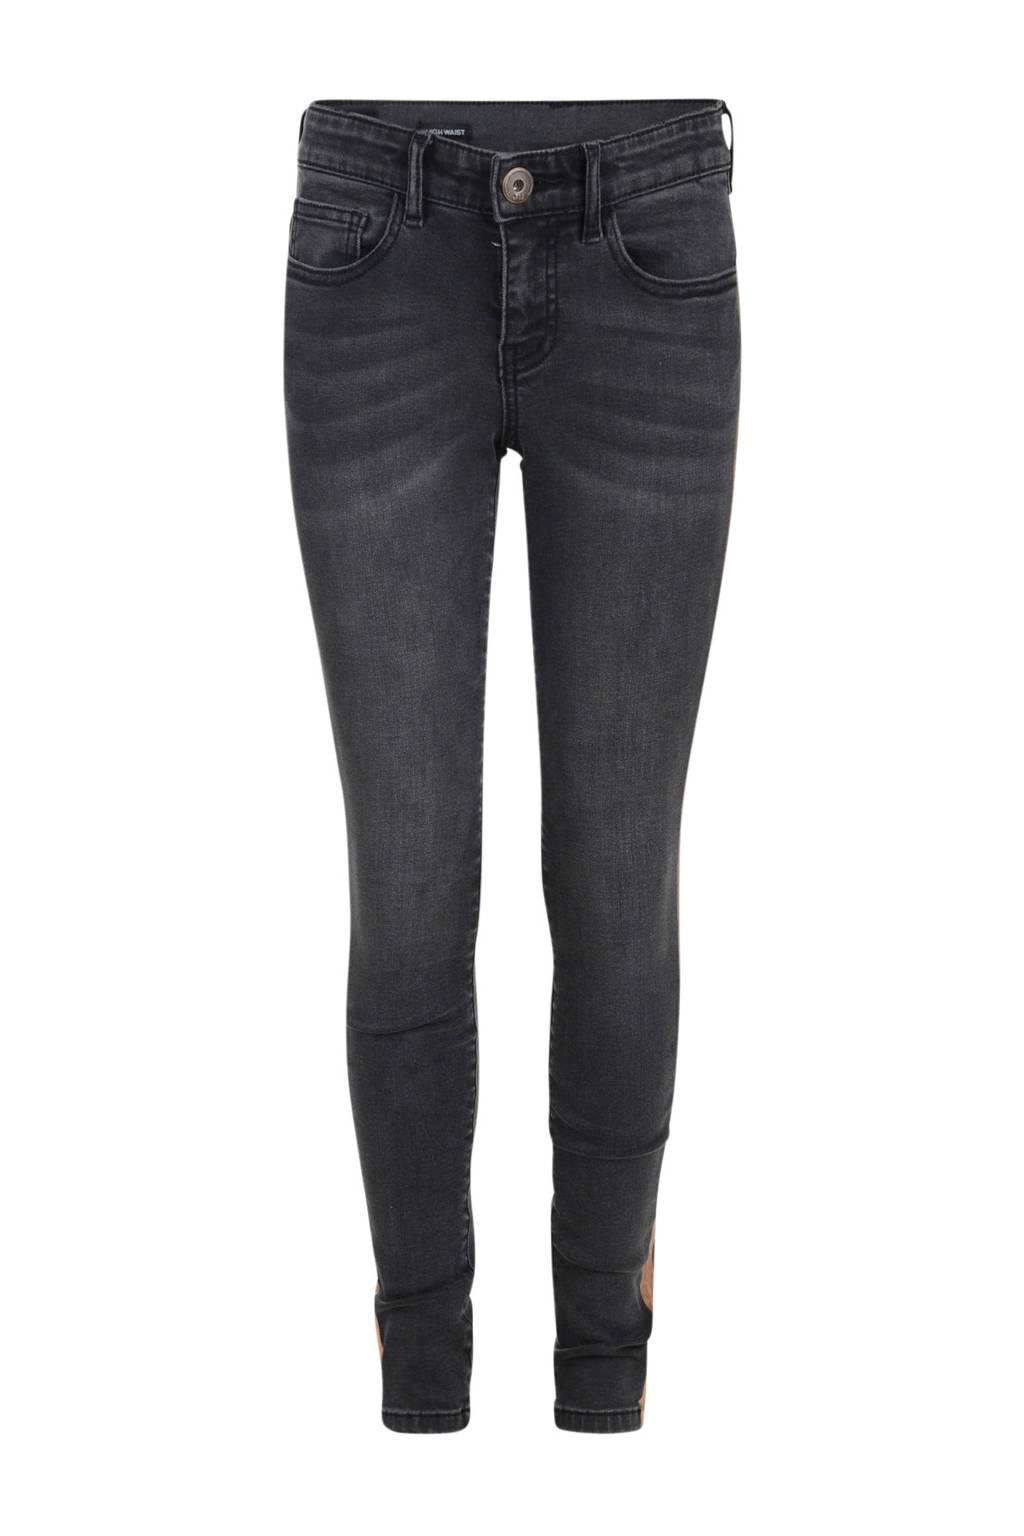 Jill skinny jeans Celine met zijstreep zwart/goud, Zwart/goud